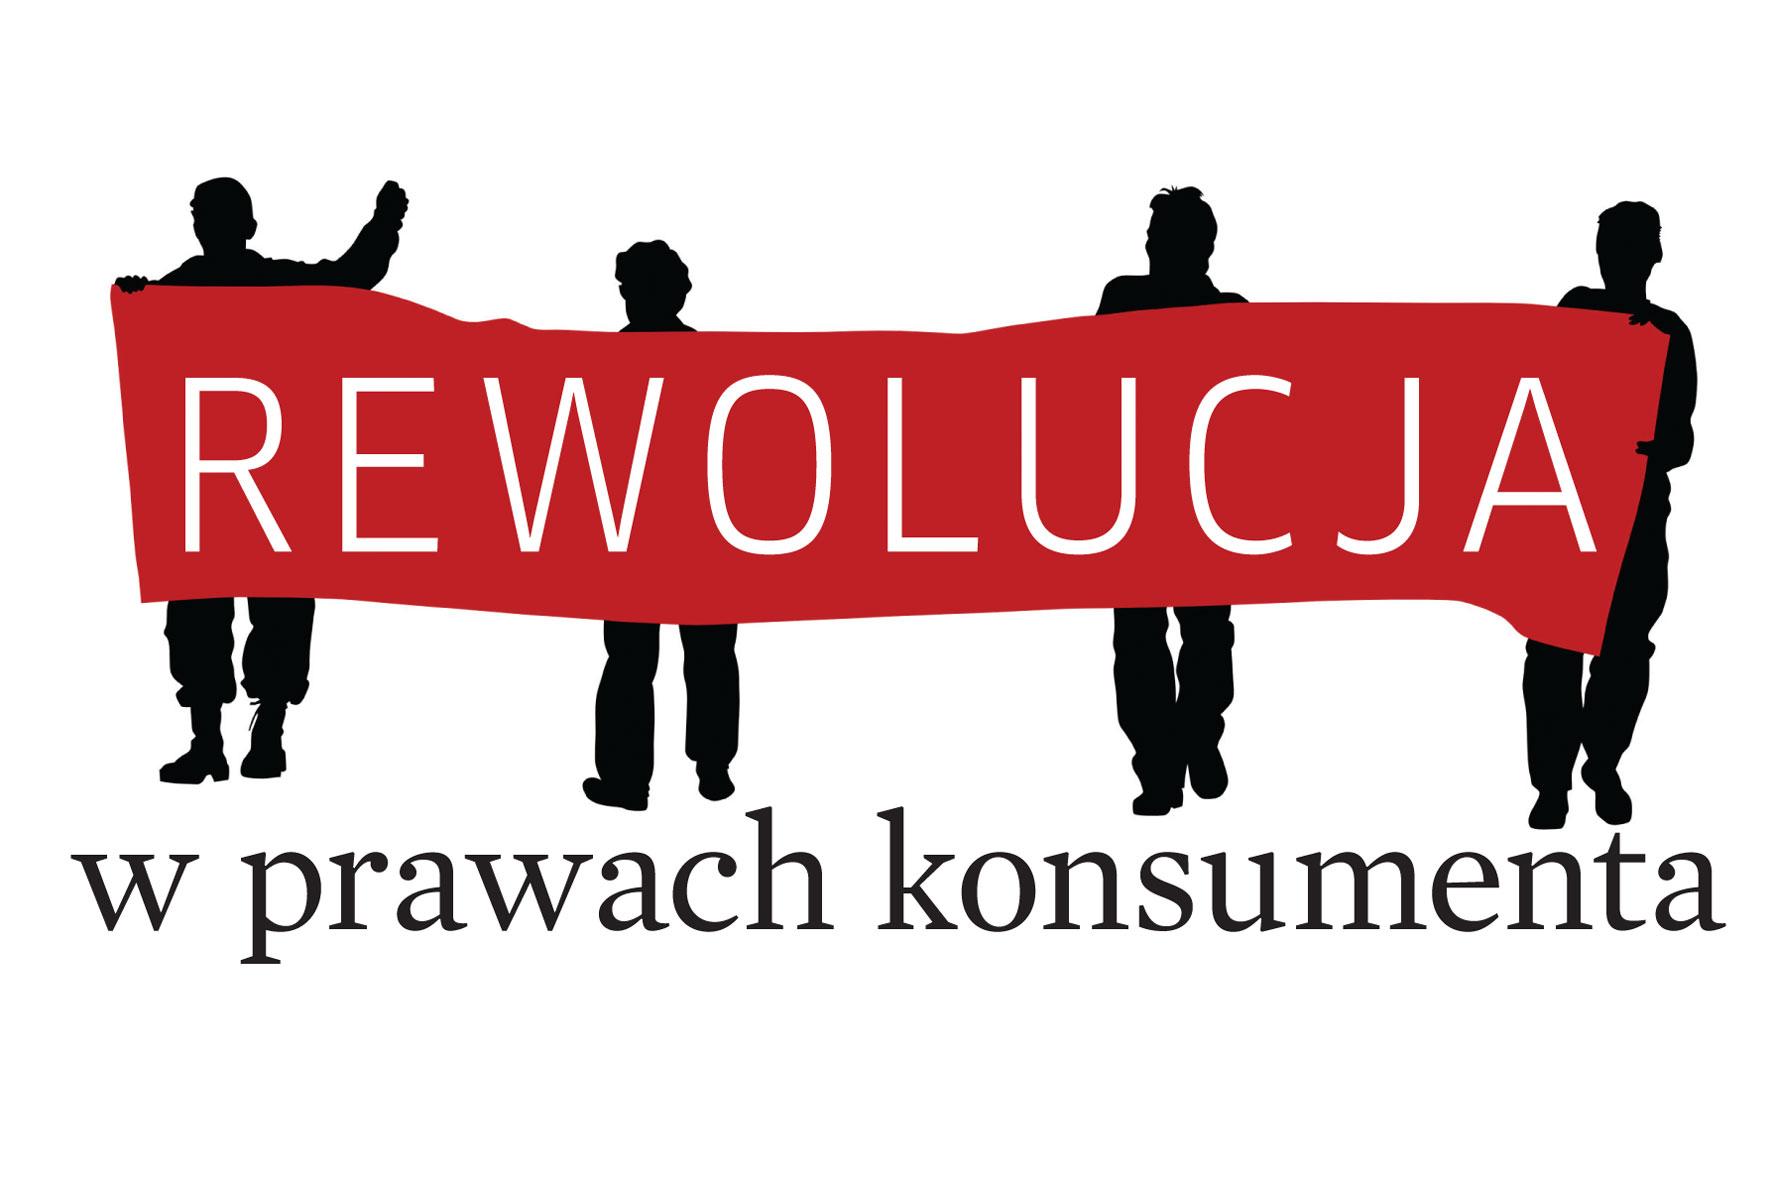 Rewolucja w prawach konsumenta